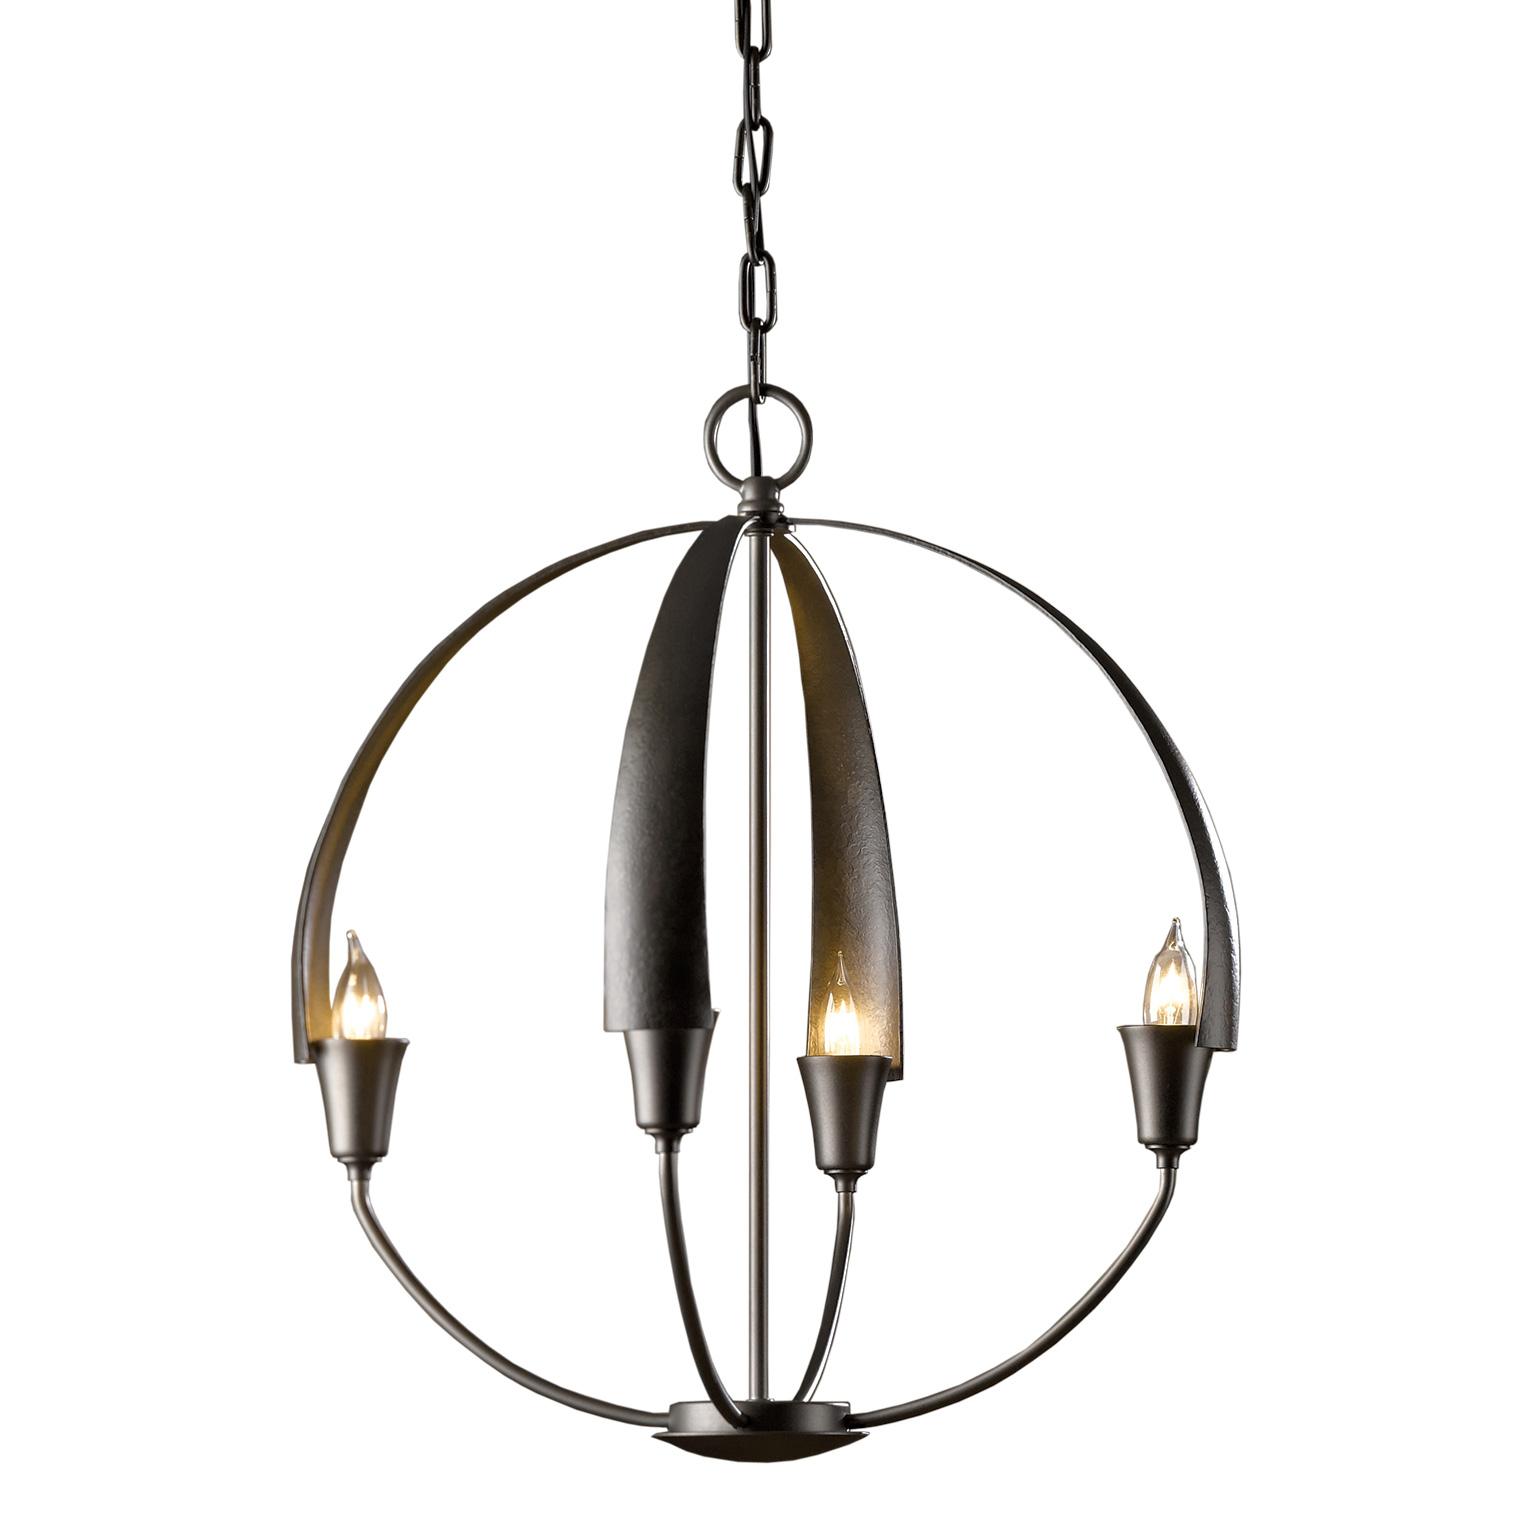 Cirque chandelier by hubbardton forge 104201 1003 cirque chandelier by hubbardton forge aloadofball Image collections